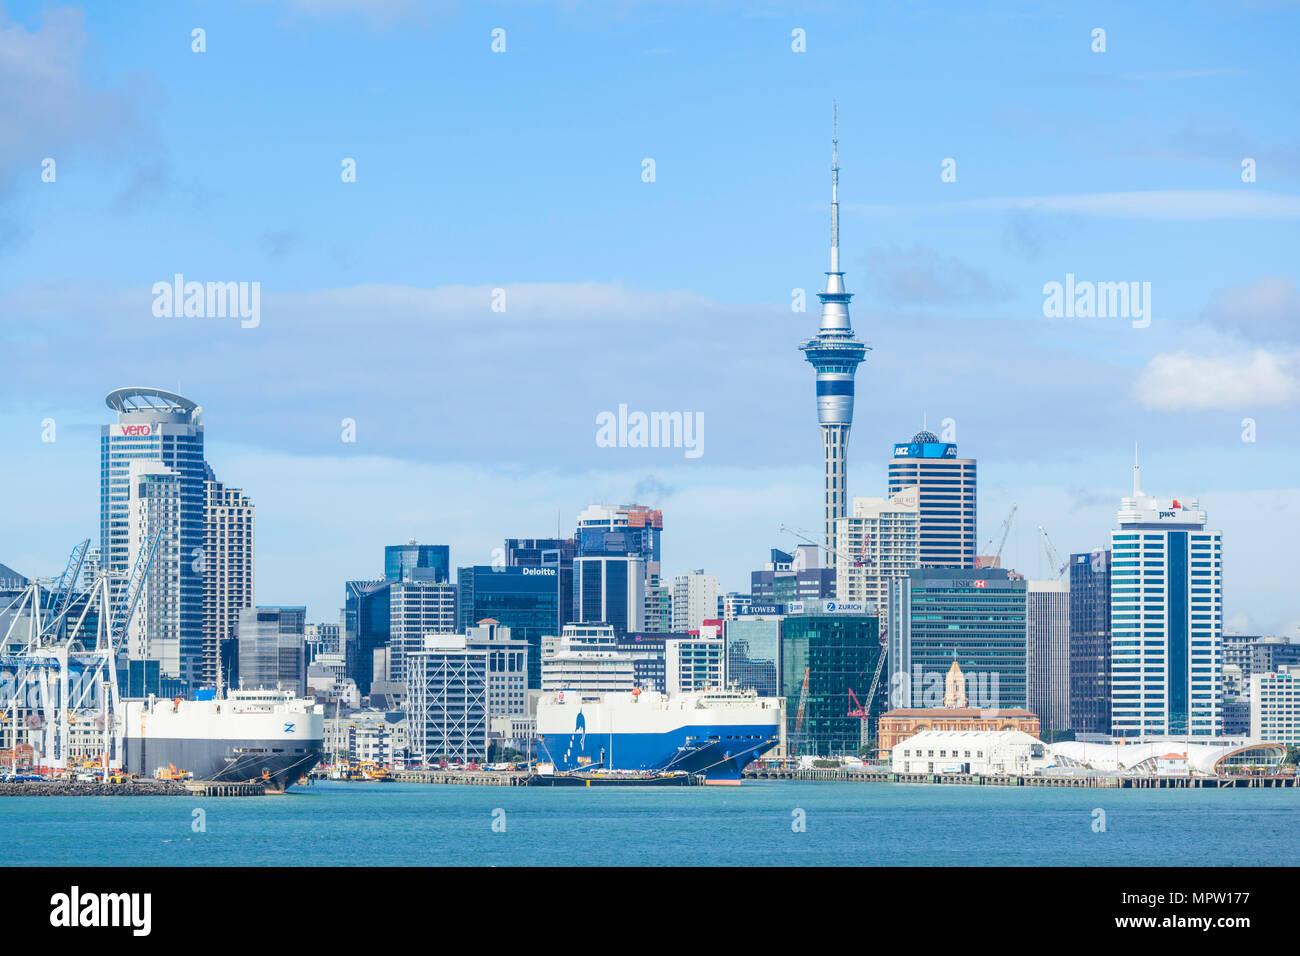 New Zealand Auckland Nouvelle zélande île du nord Auckland skyline le port de Waitemata cbd Sky Tower et du quai de la zone bord de l'Auckland nz Banque D'Images